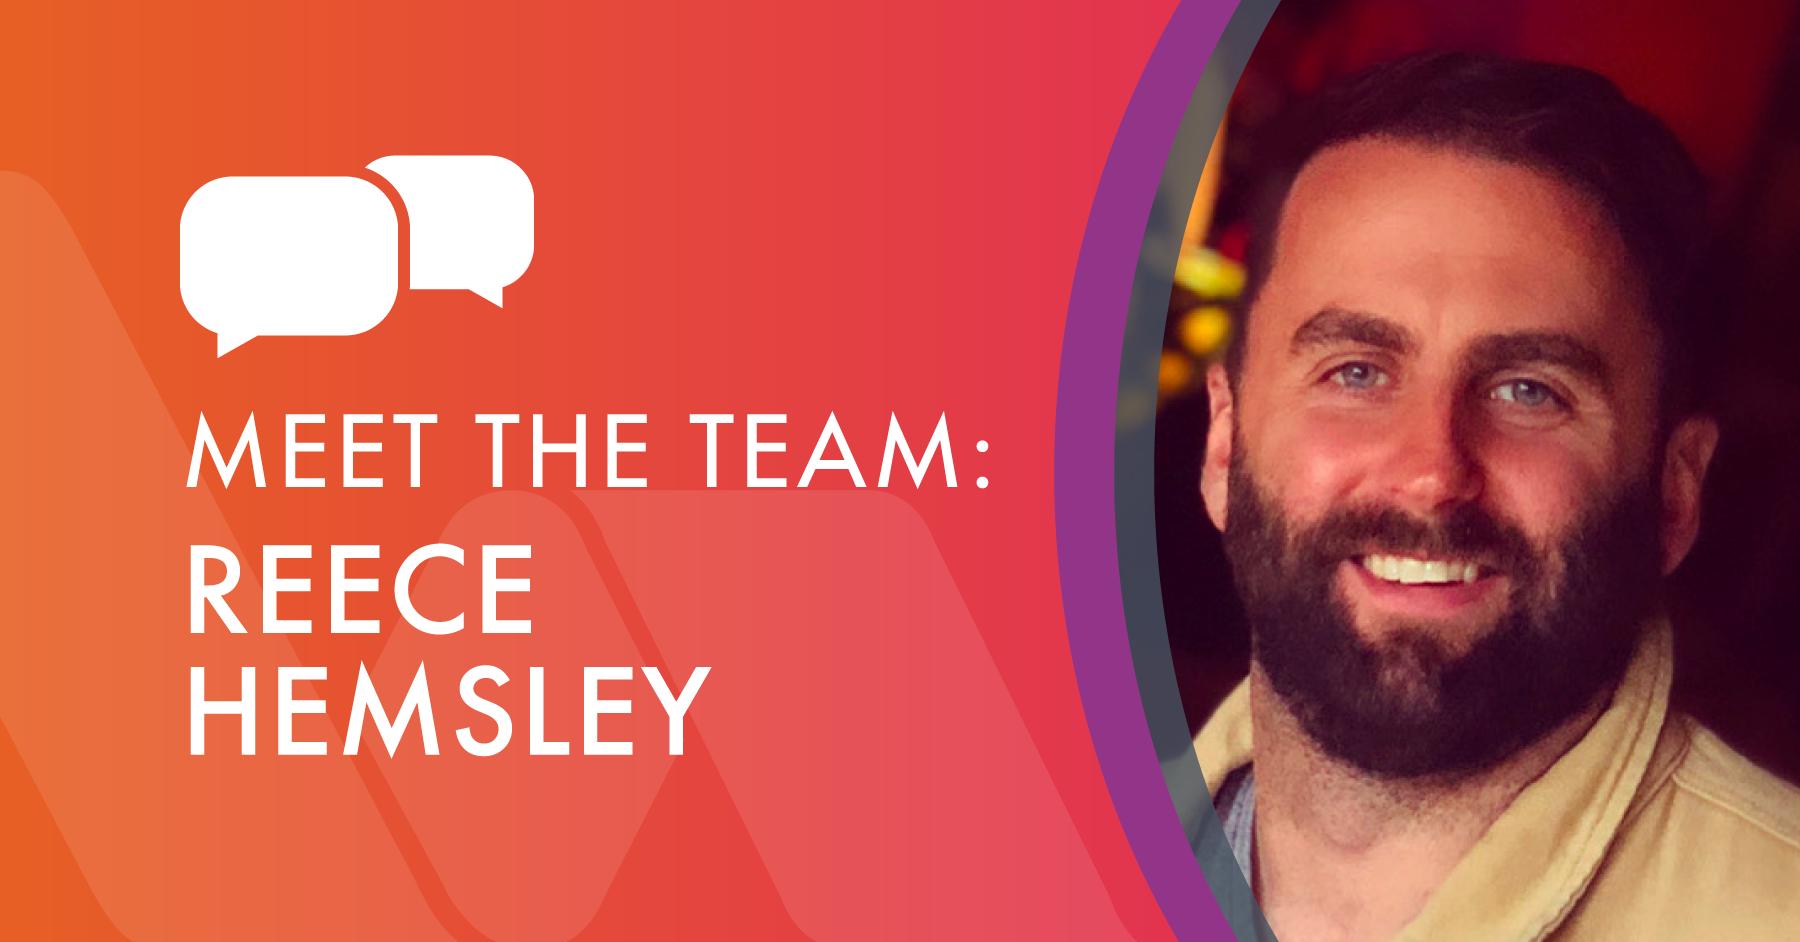 Meet the team - Reece Hemsley, Project Supervisor